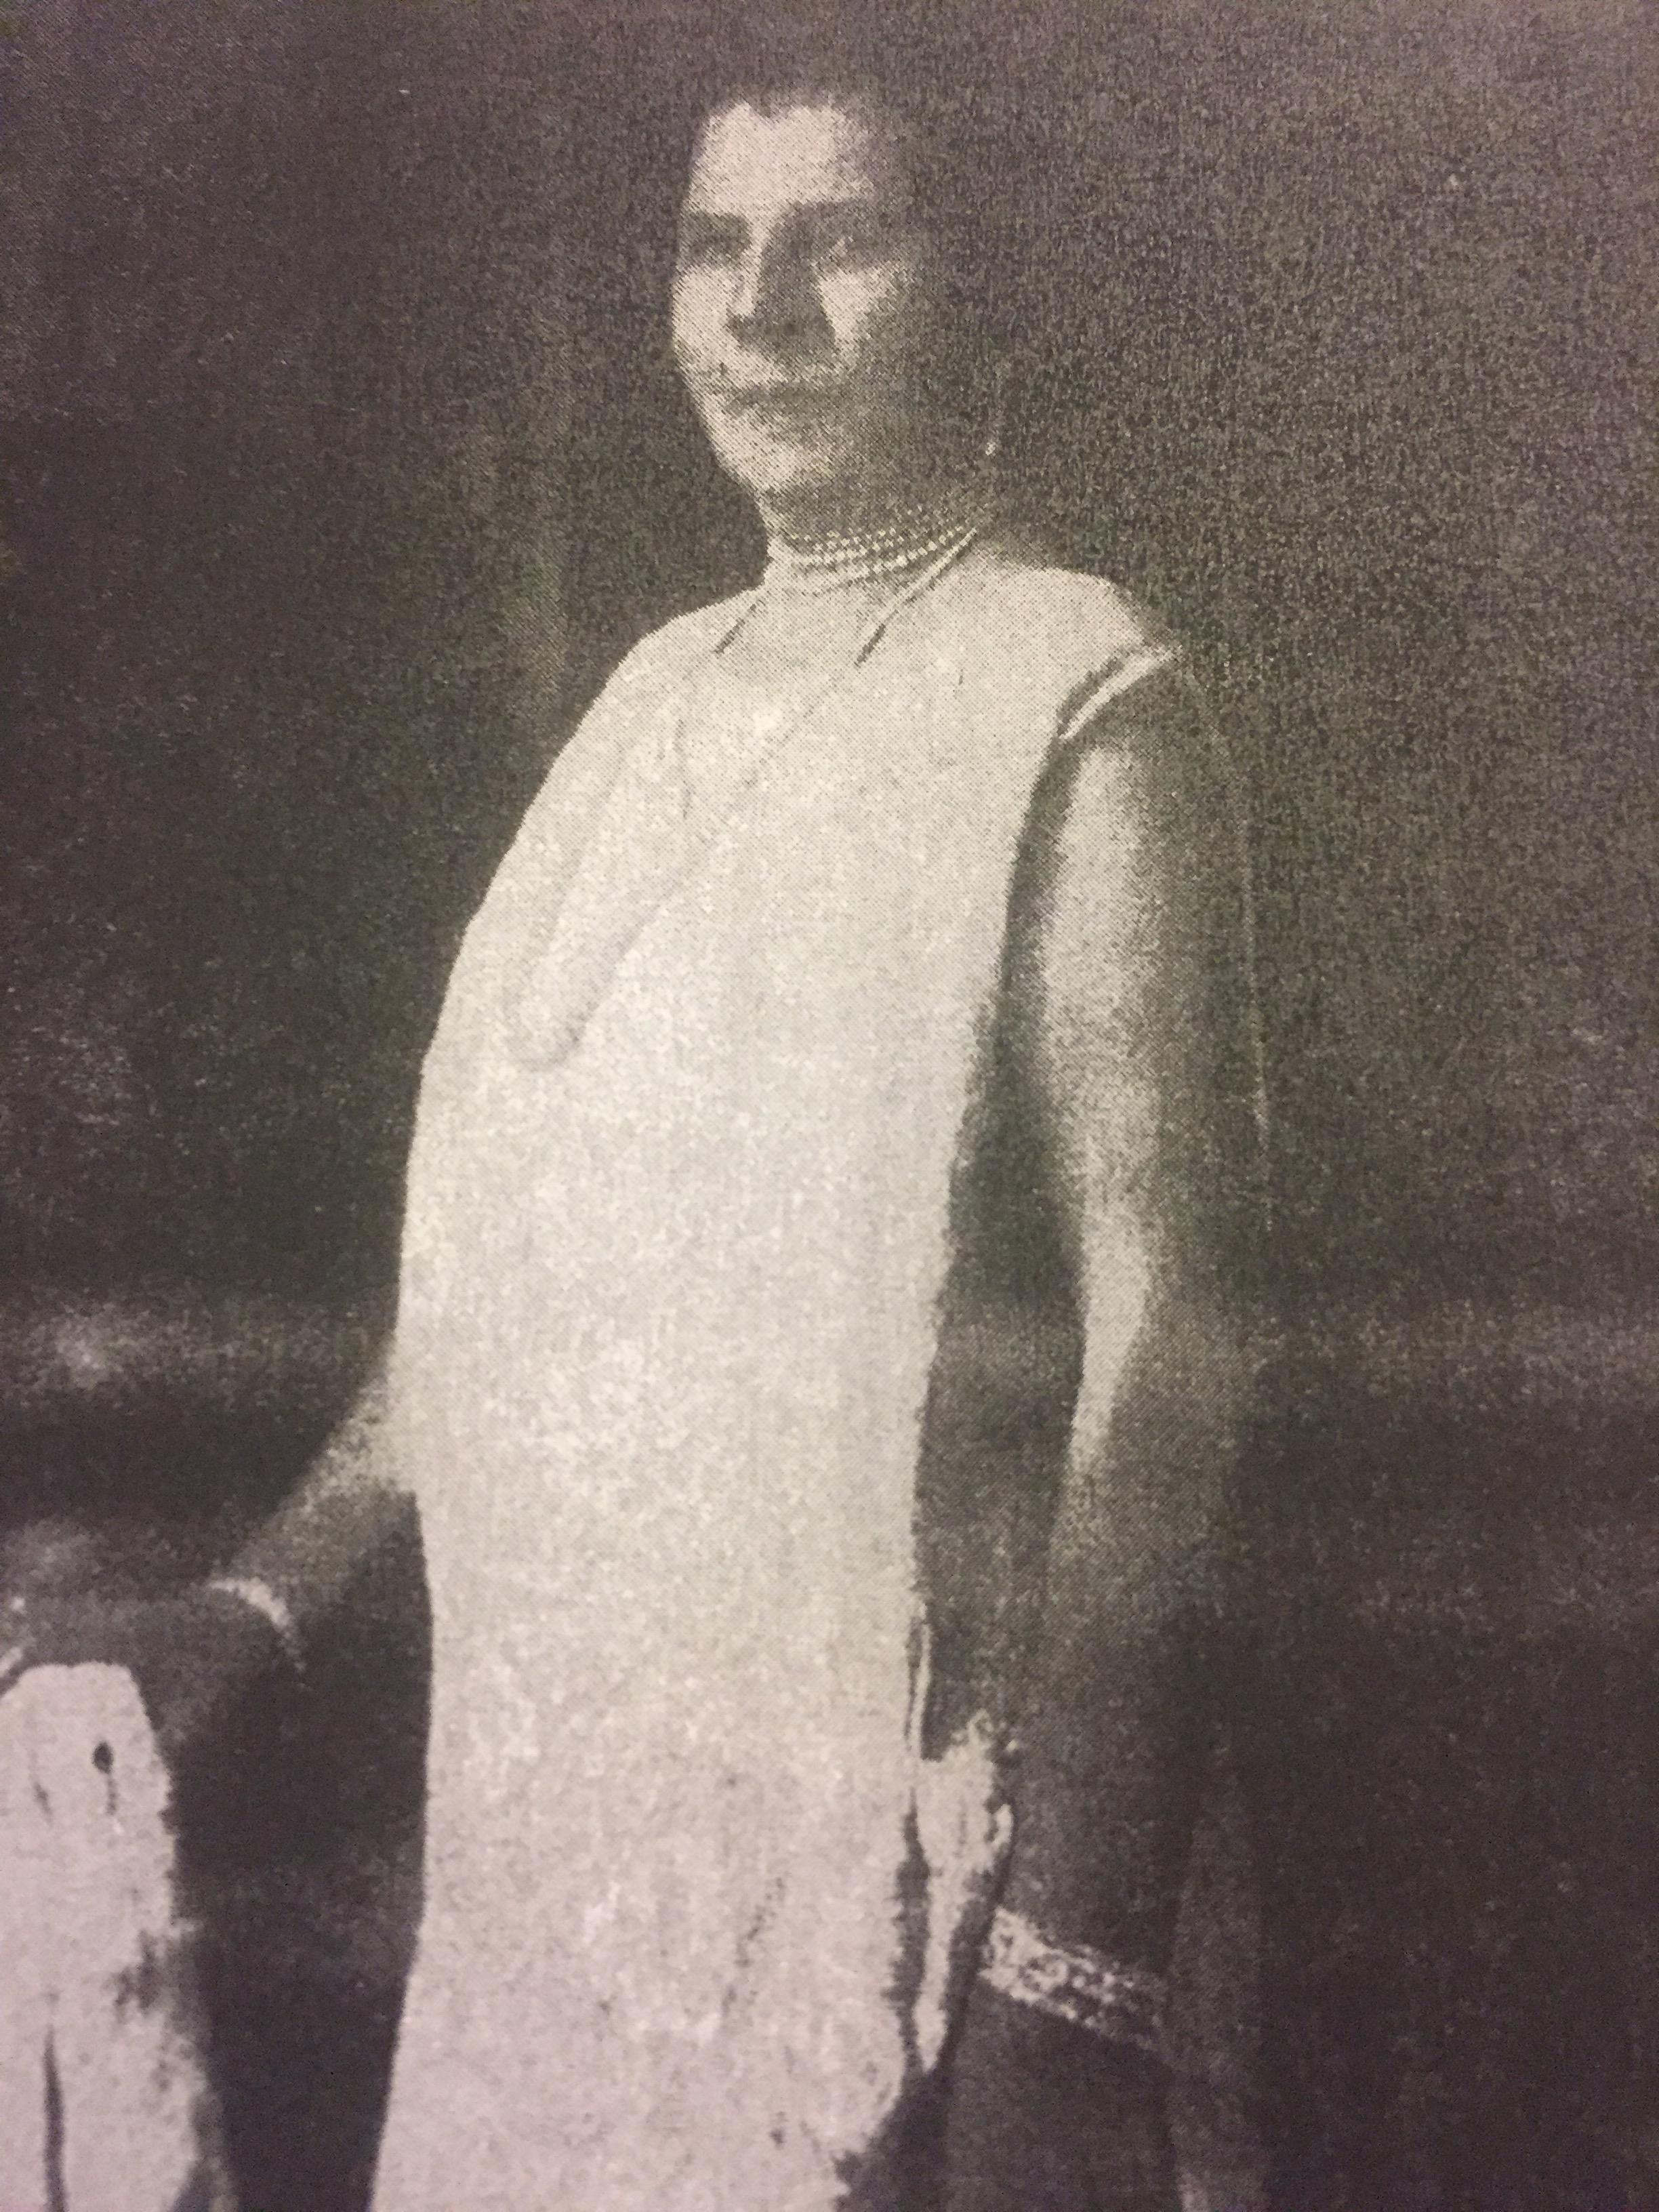 Nannie Kelly Wright